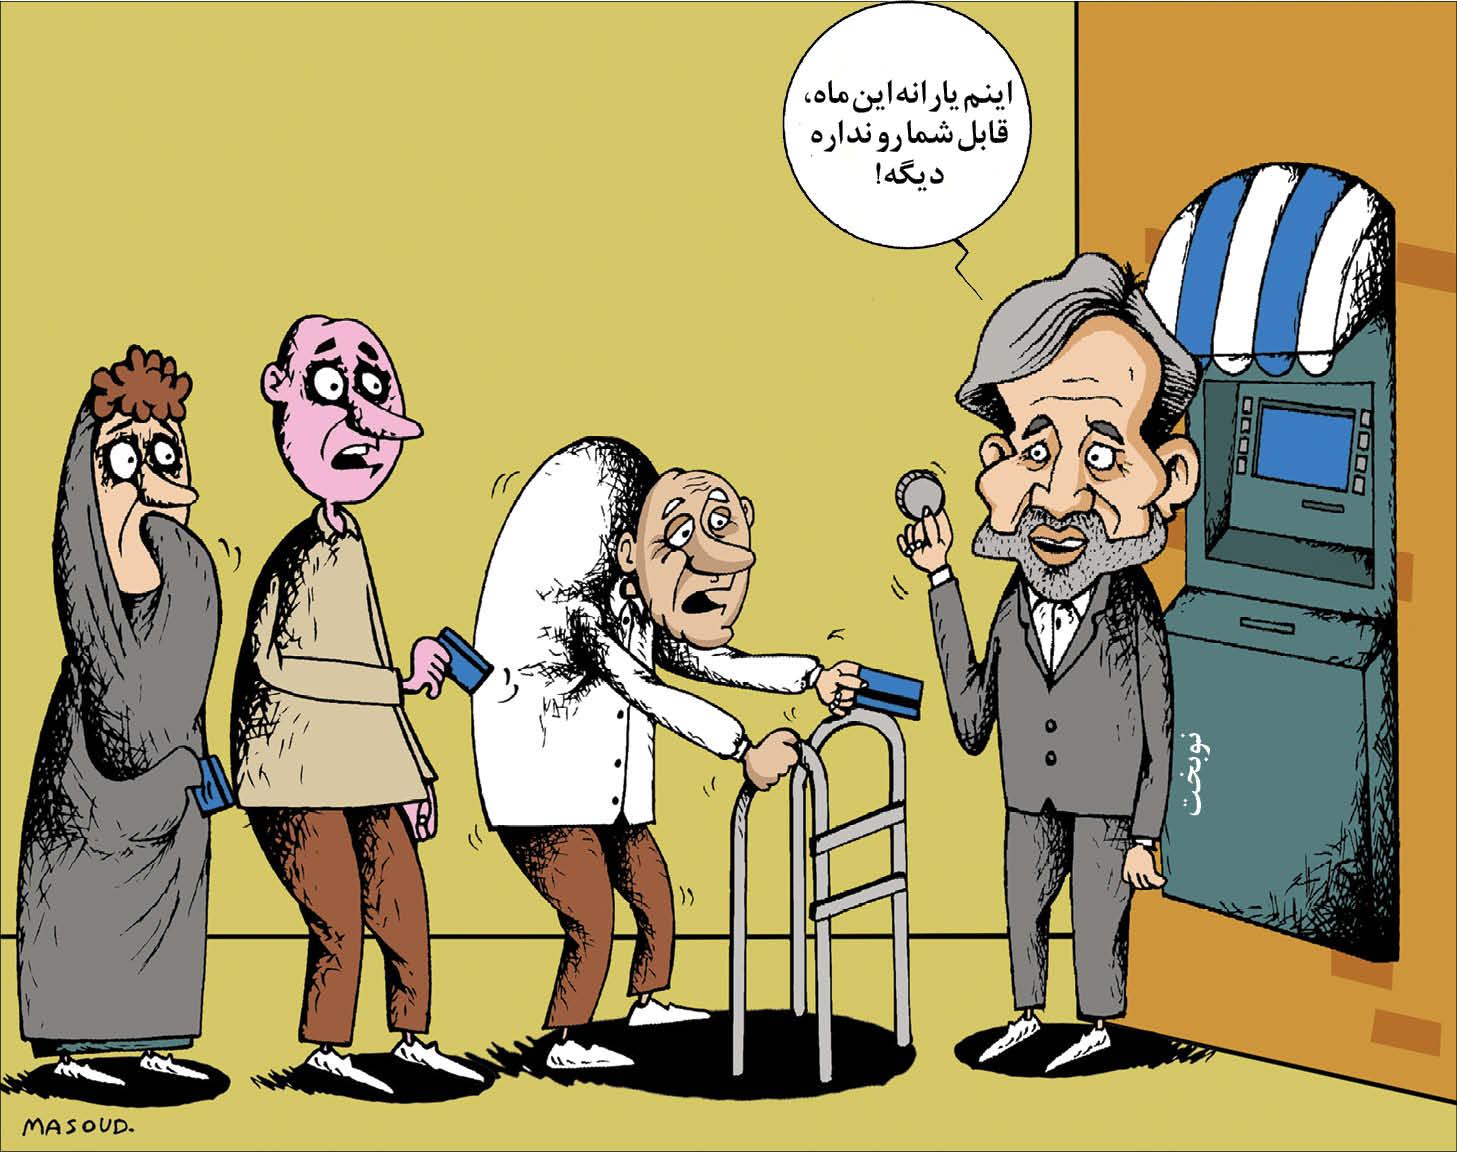 کارتونیست : مسعود ماهینی